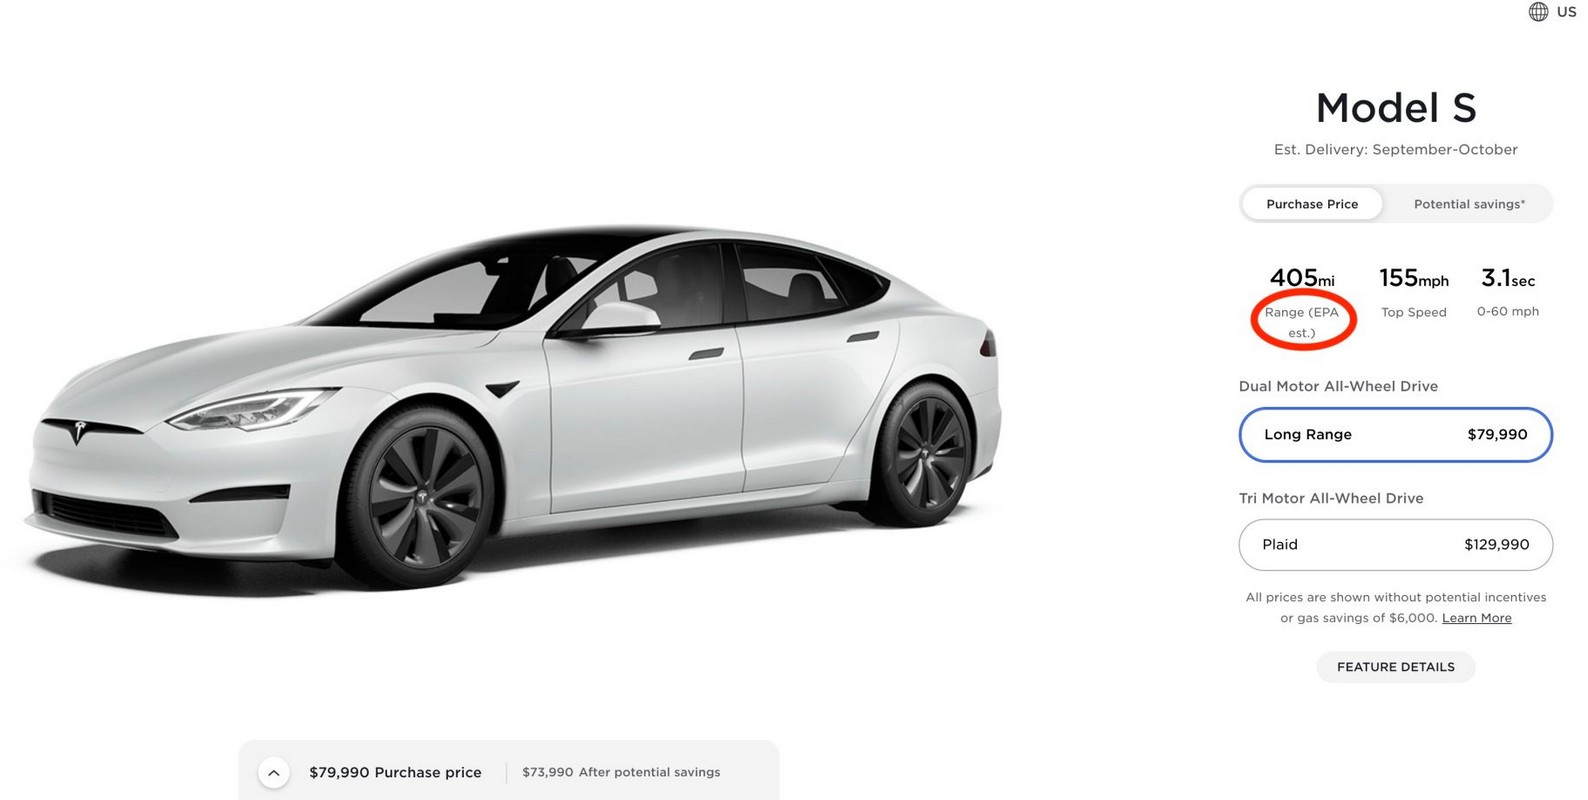 Tesla сократила дальность хода новейшей дальнобойной Model S Long Range на 7 миль — до 405 миль (650 км) по оценке EPA - ITC.ua